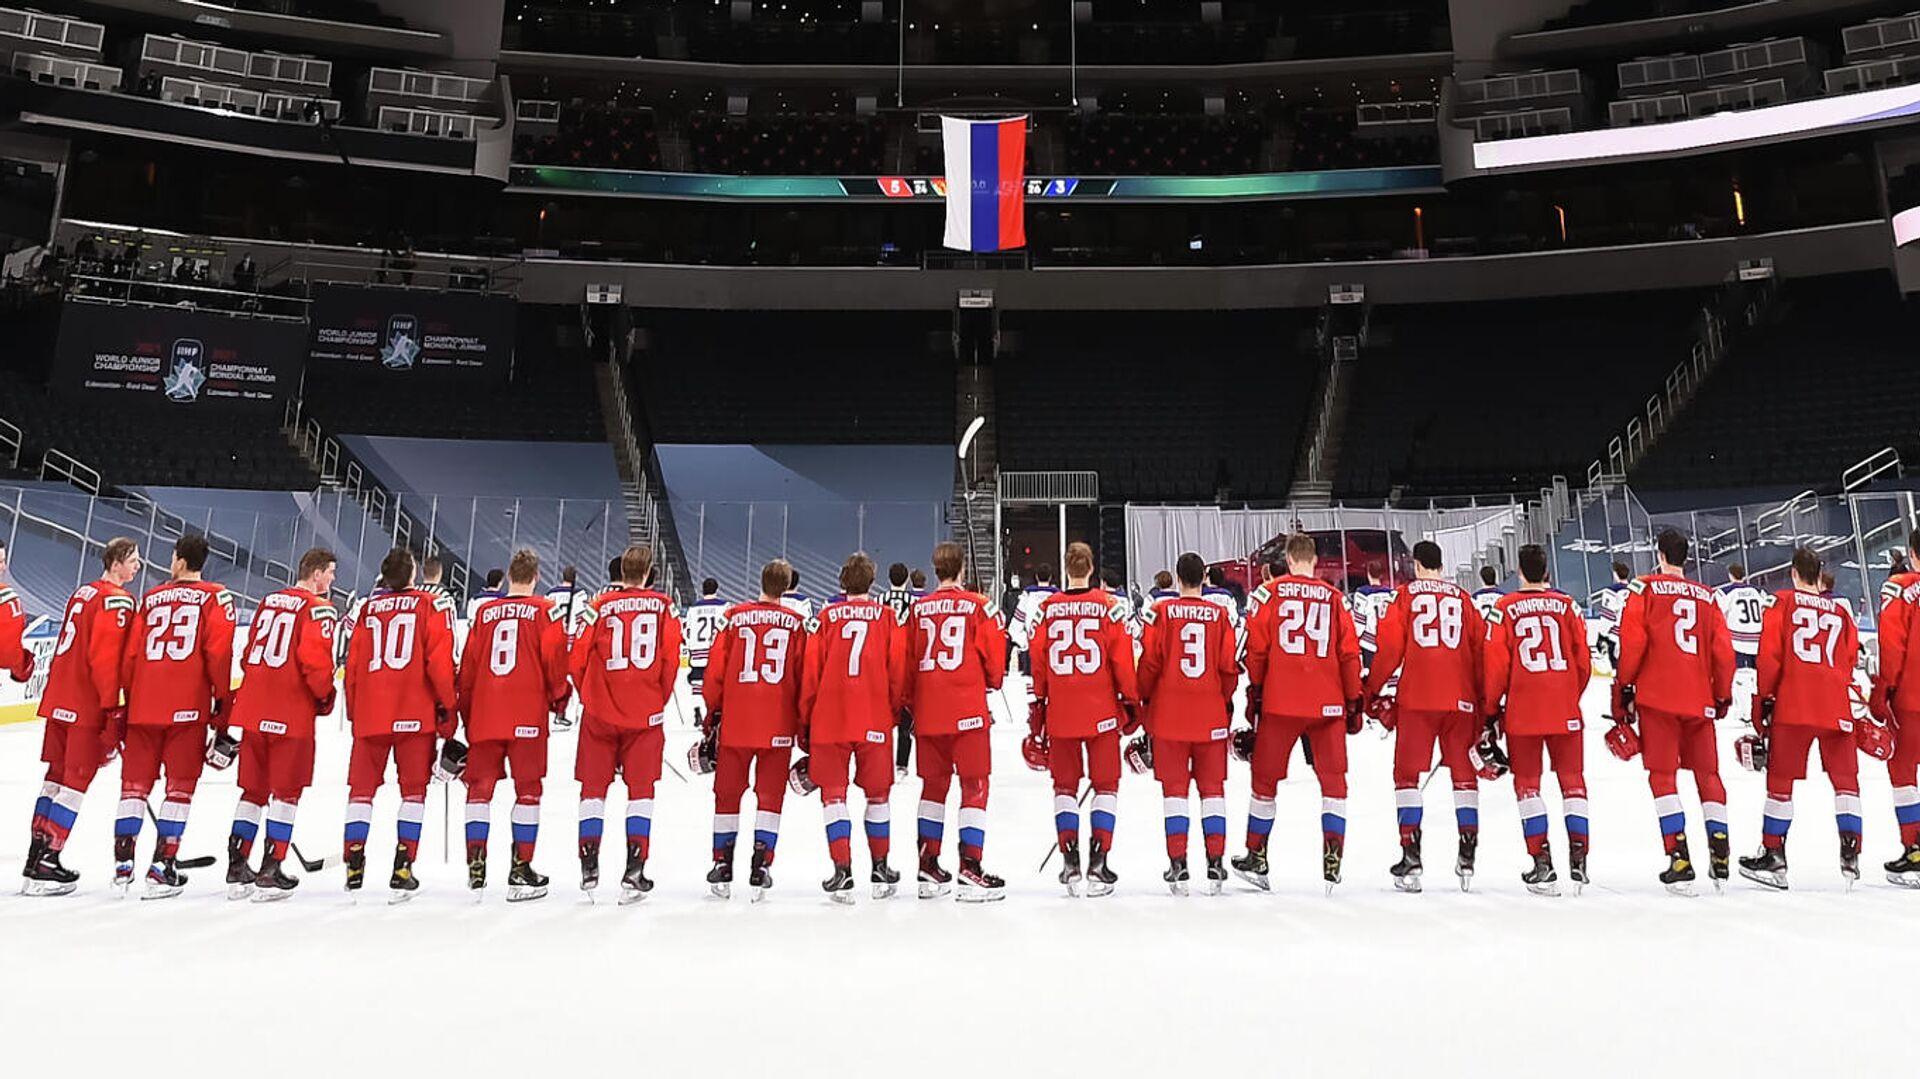 Молодежная сборная России по хоккею на чемпионате мира 2021 года - РИА Новости, 1920, 05.01.2021